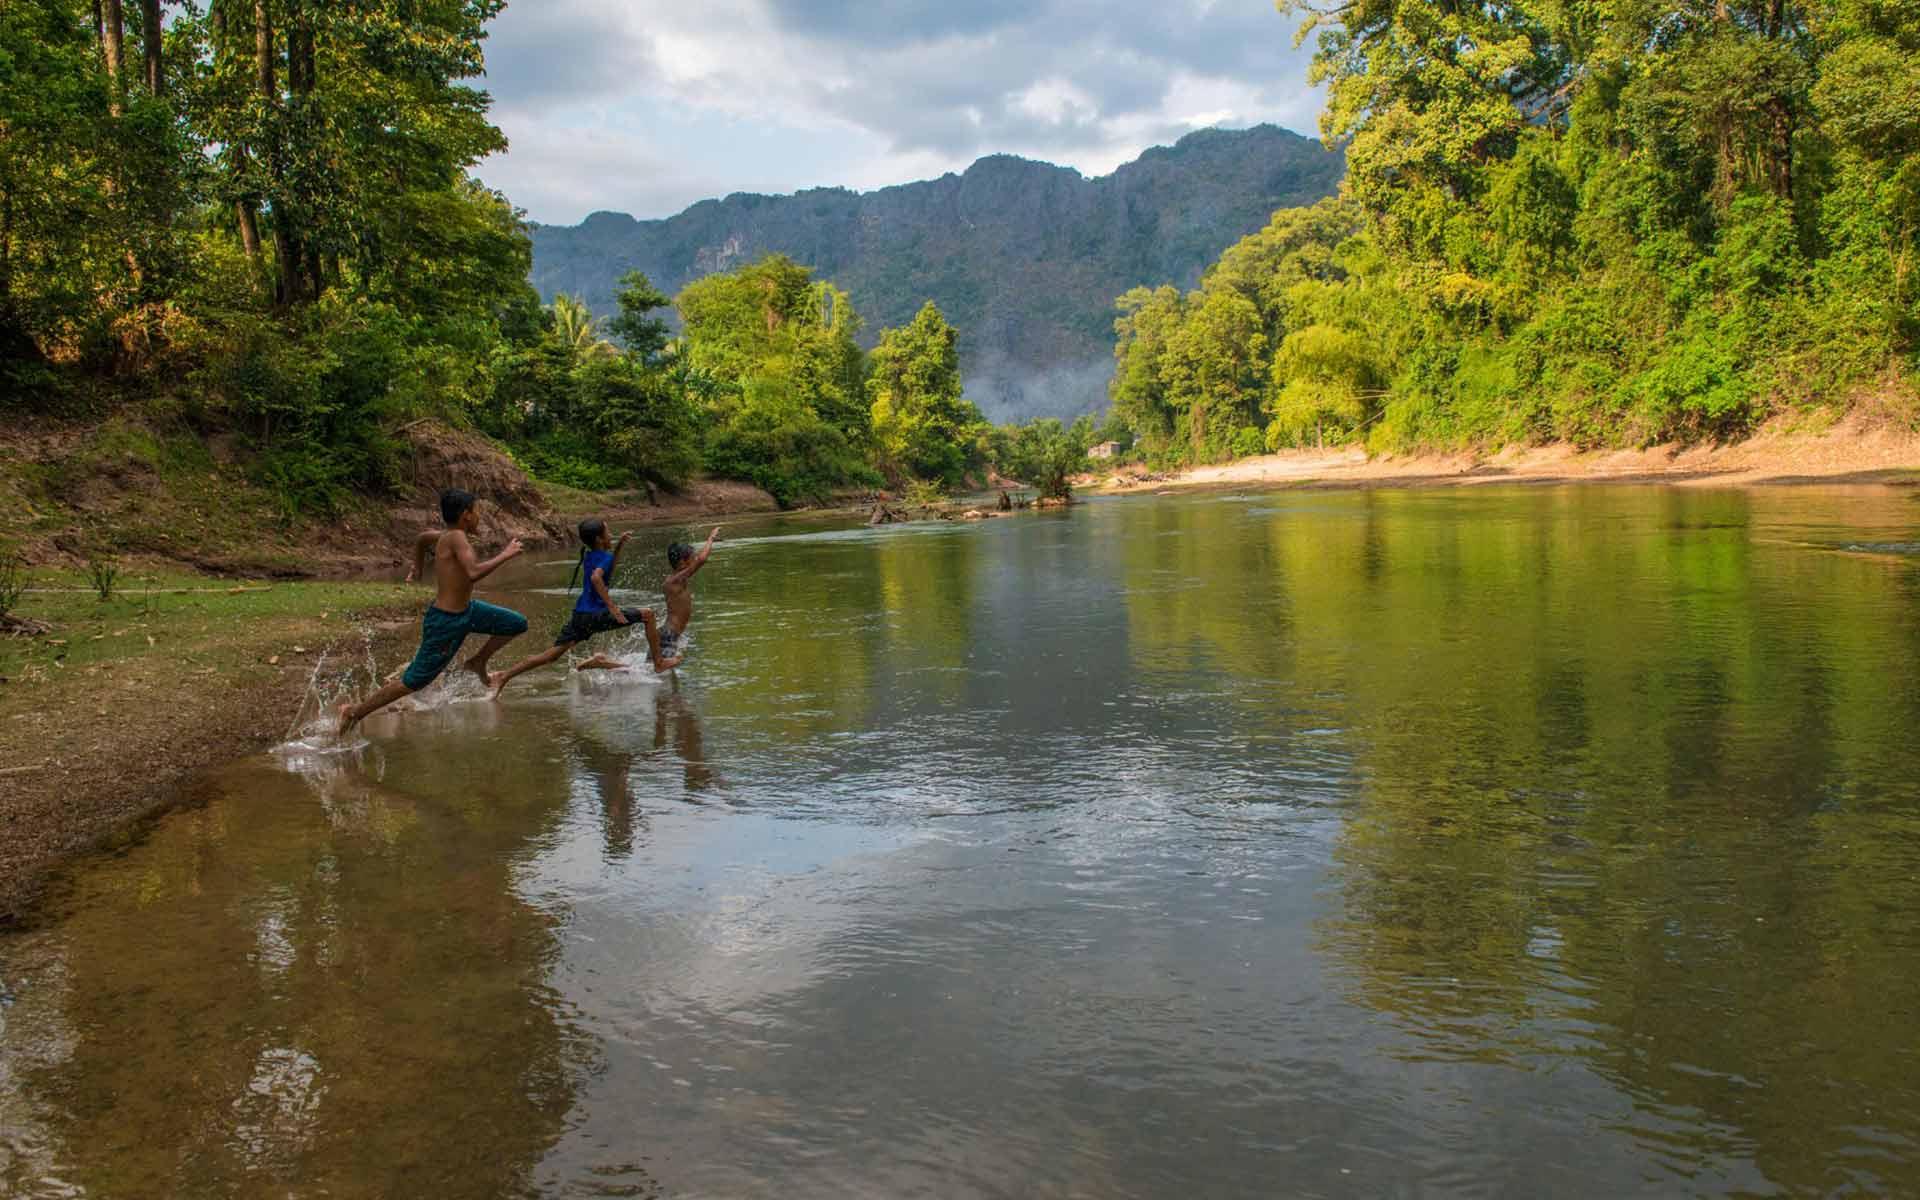 river in Konglor Village